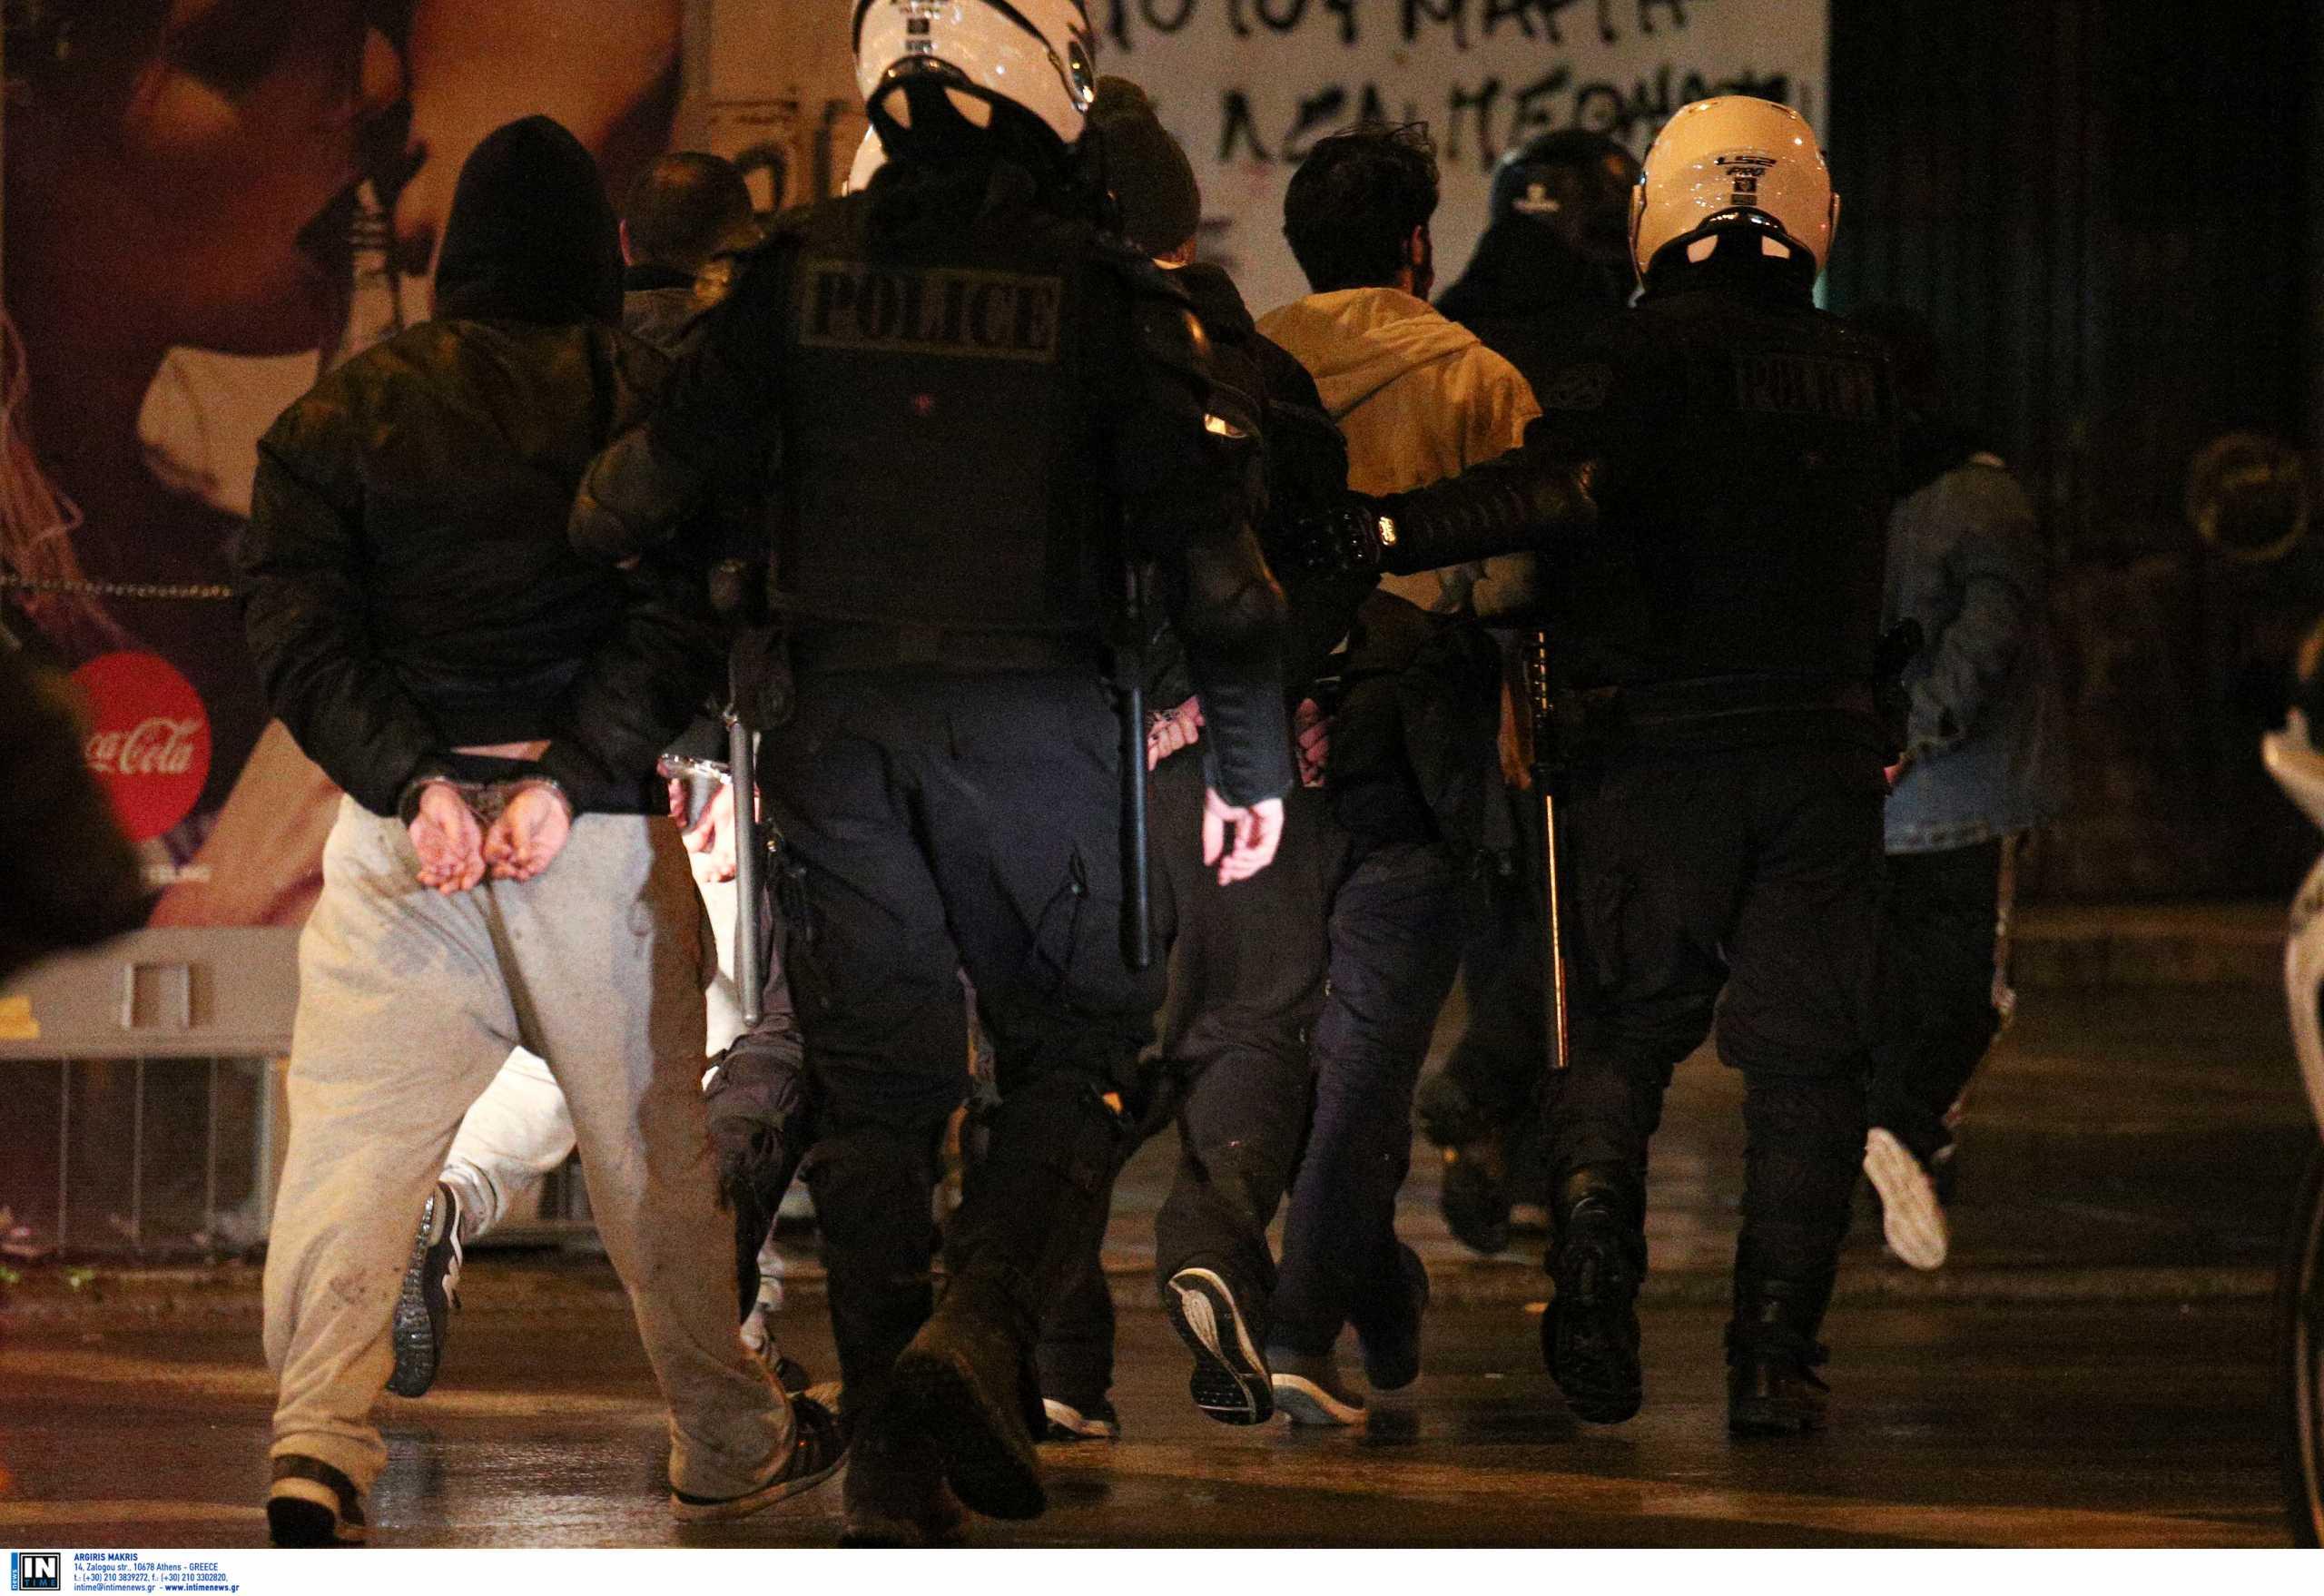 Θεσσαλονίκη: Οι εικόνες των επεισοδίων στο πανεκπαιδευτικό συλλαλητήριο που έφεραν μία σύλληψη και 27 προσαγωγές (video)